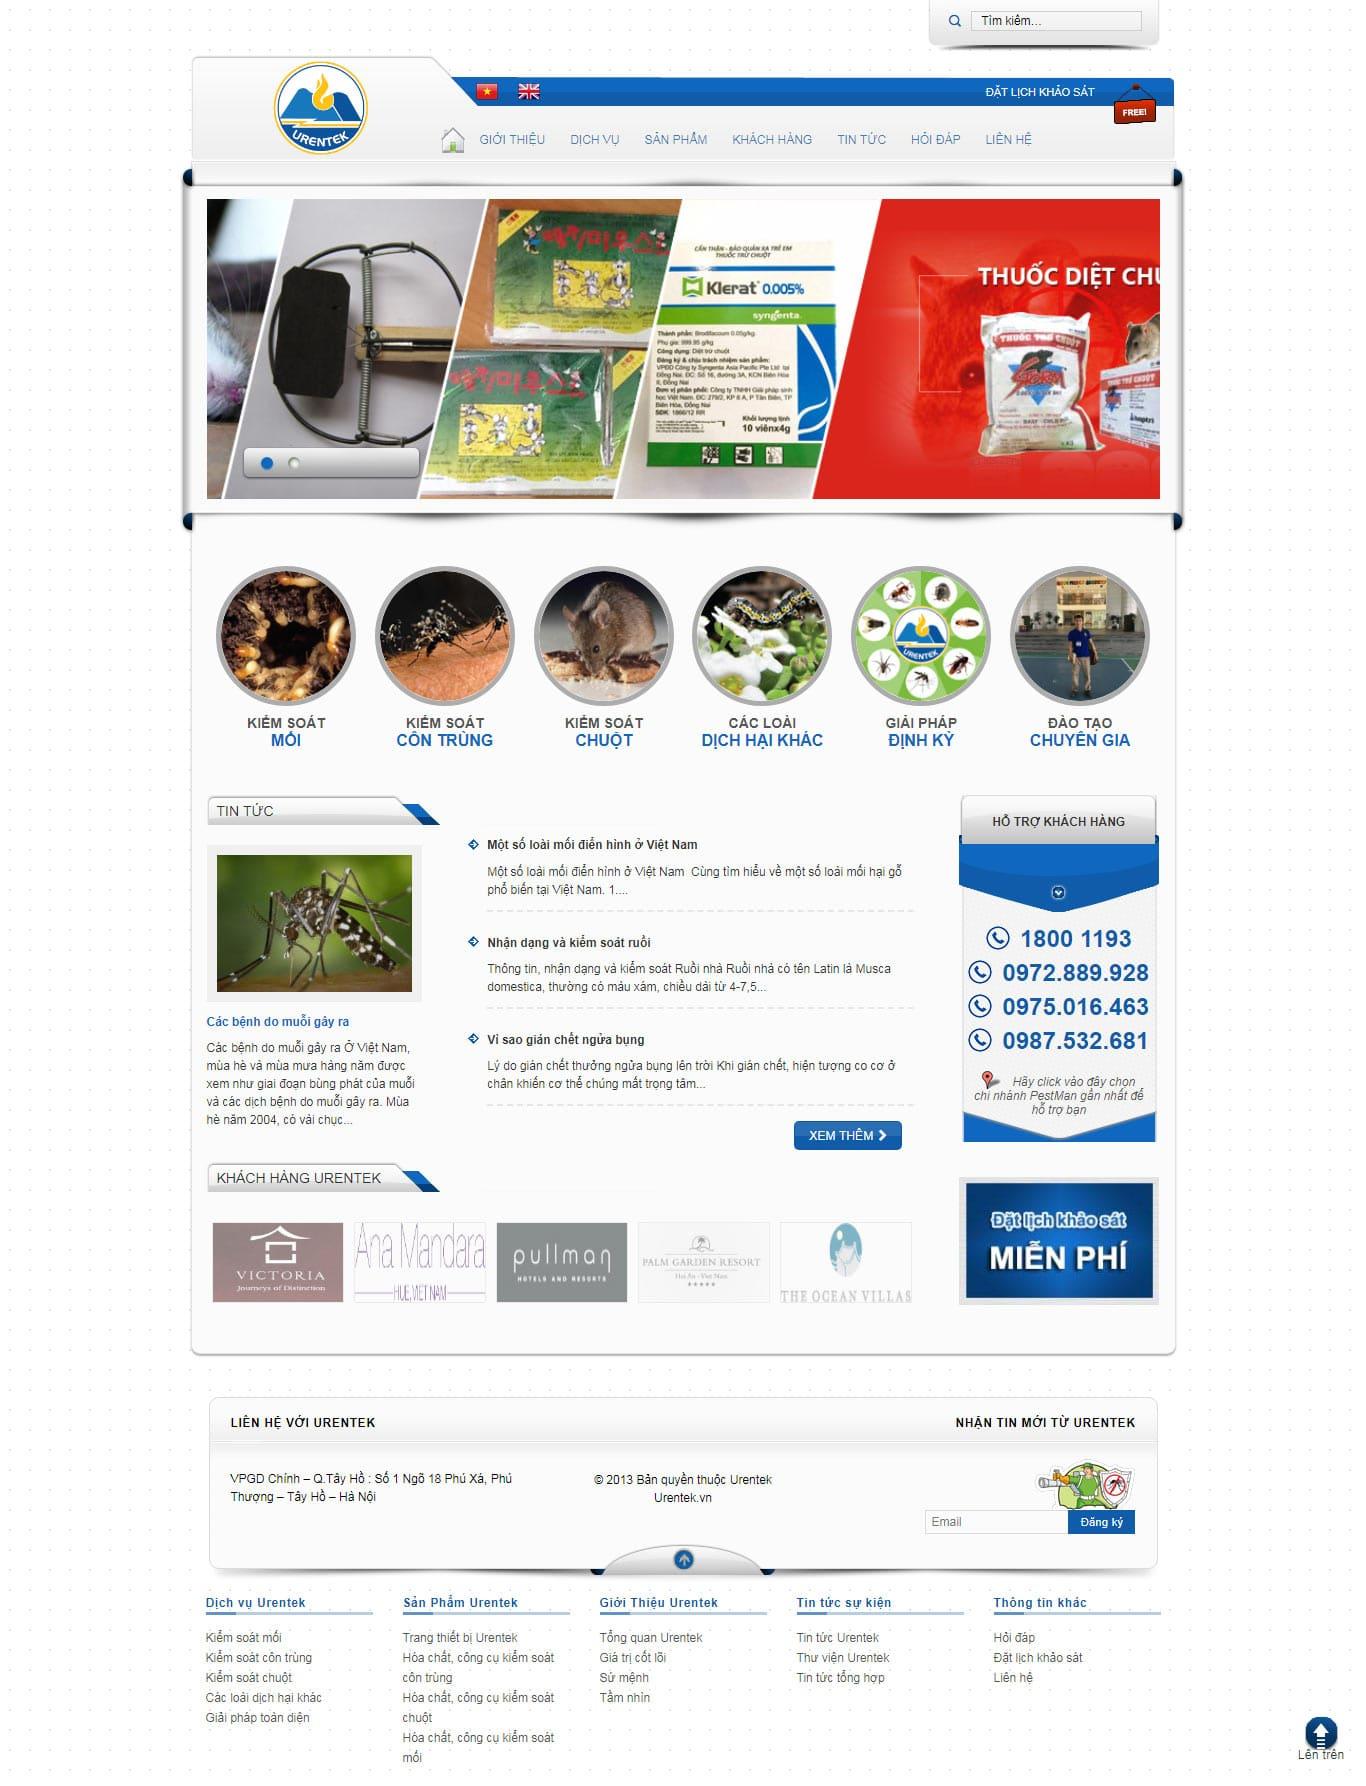 thiết kế web côn trùng giá rẻ